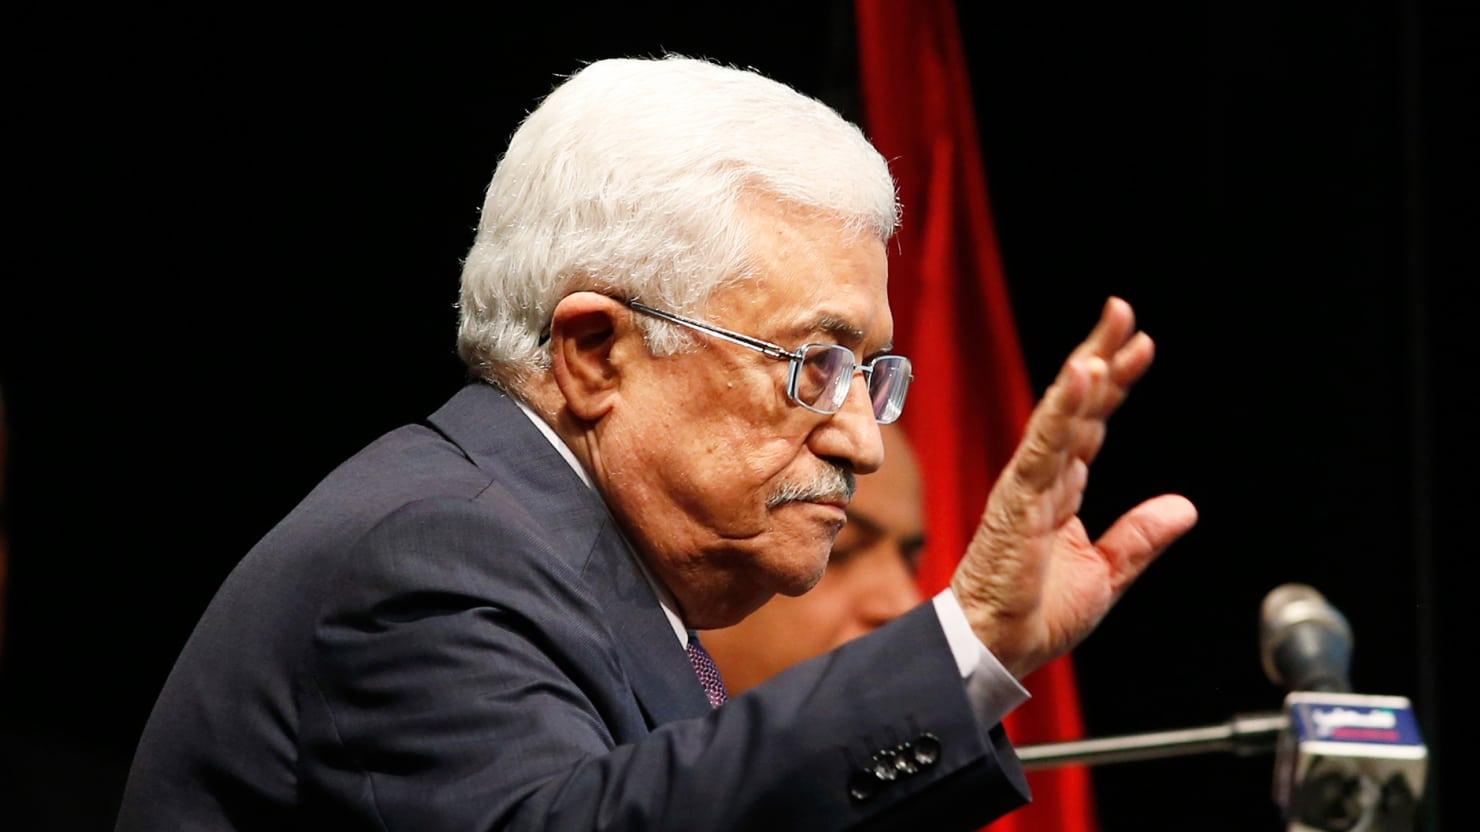 ضغوط دولية وعربية على عباس.. تفاصيل اللقاء مع المبعوث الامريكي